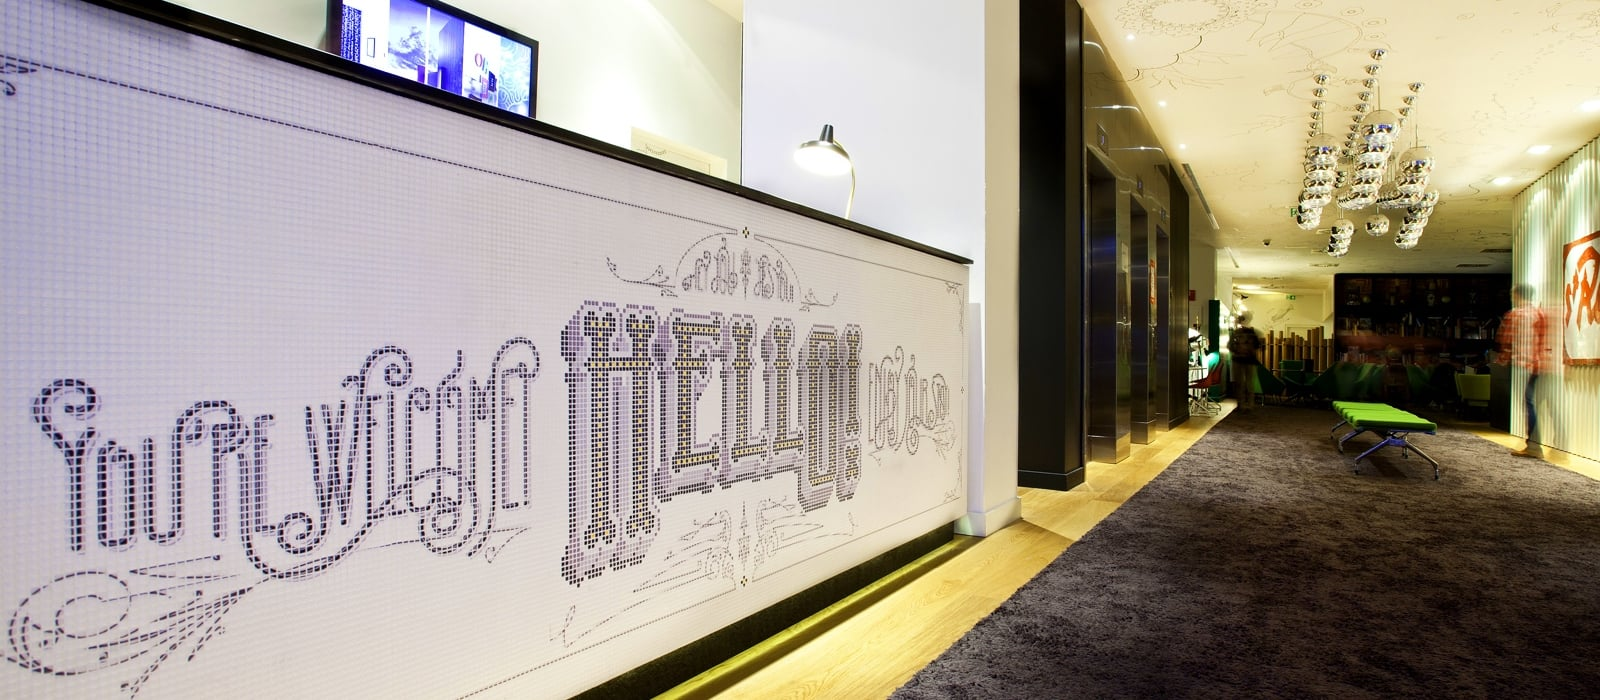 Offres Bit Hôtel Barcelone - Vincci Hoteles - Réservez maintenant et économisez -5%!